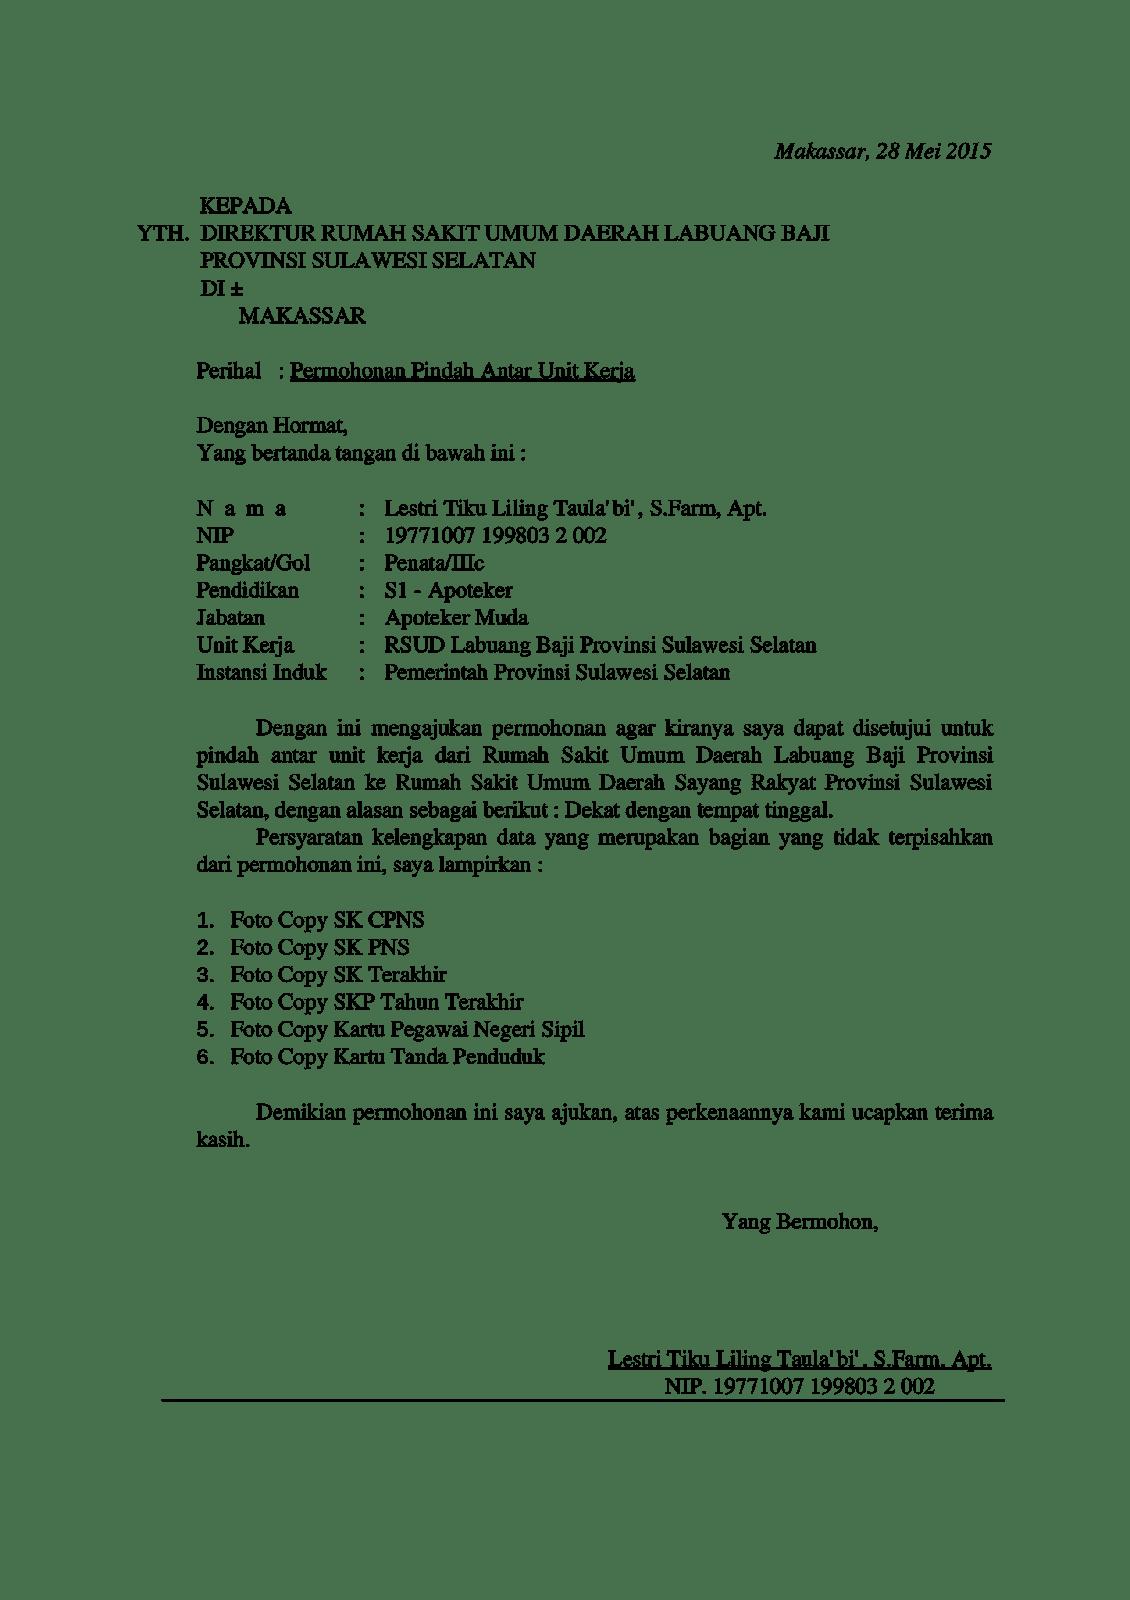 Contoh Surat Permohonan Pindah Unit Kerja Pns